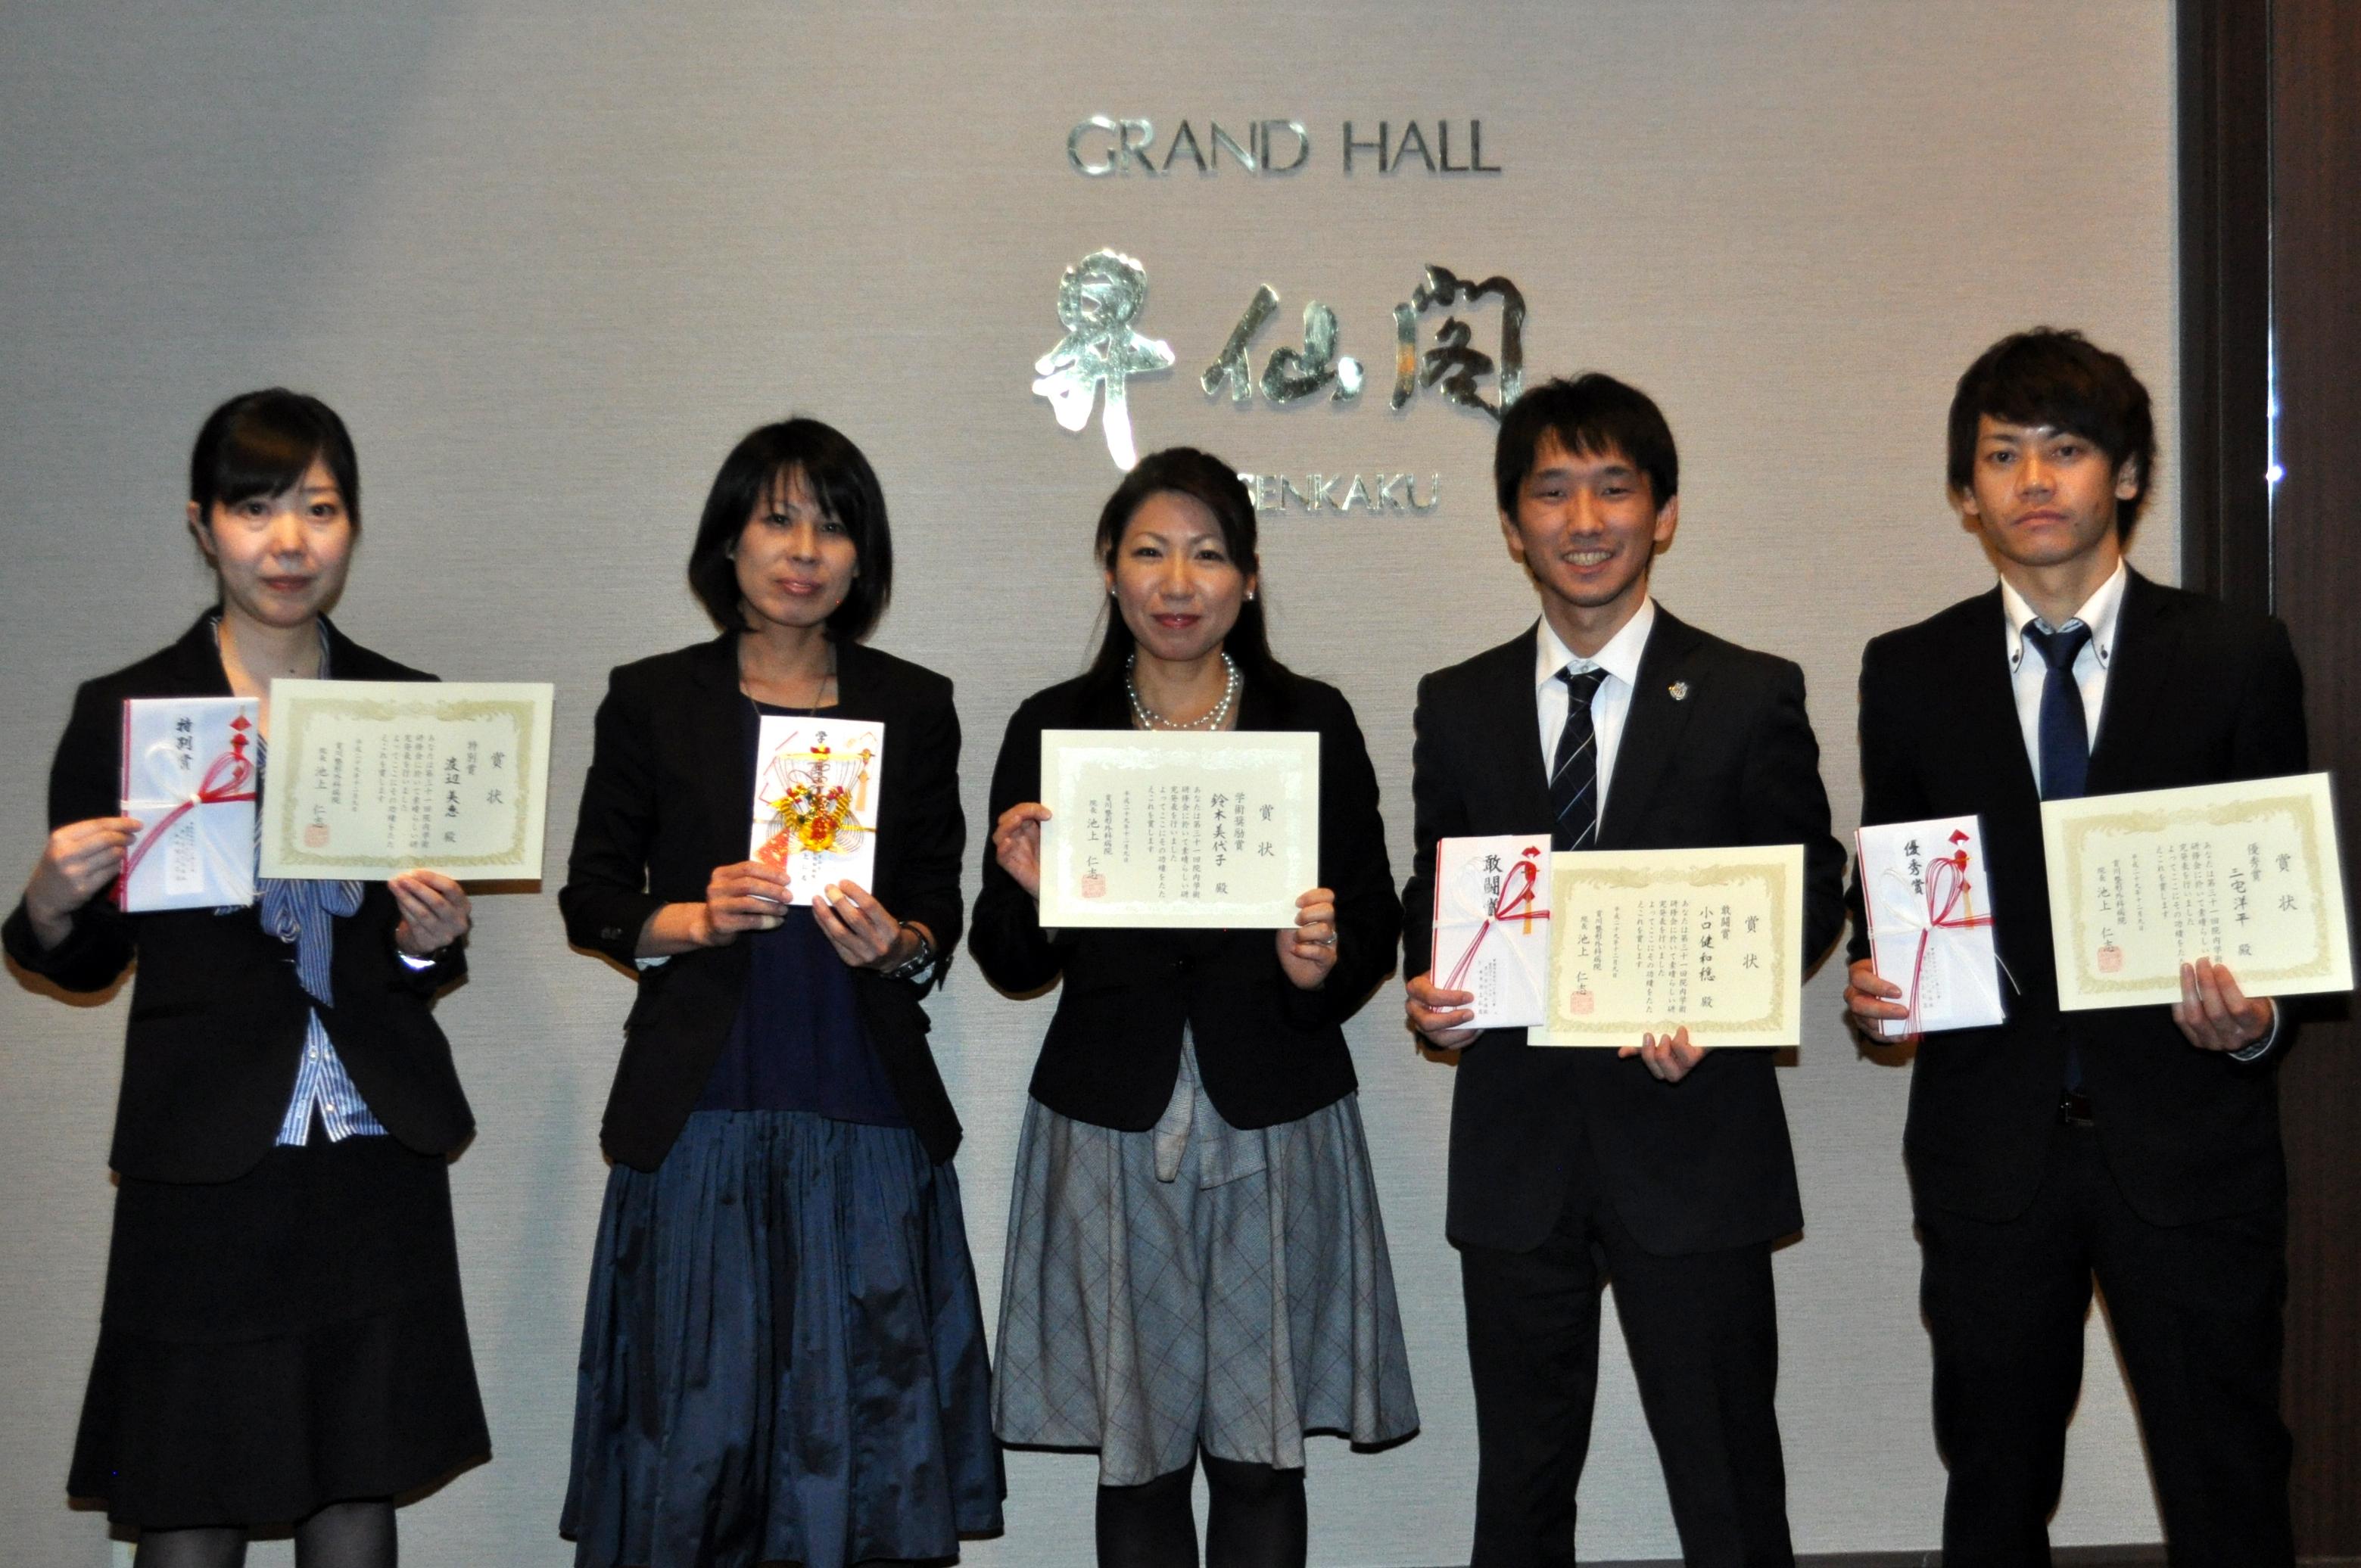 左より渡辺美恵主任管理栄養士、長田絹子看護師、鈴木美代子看護師、小口健和穏放射線技師、三宅洋平理学療法士